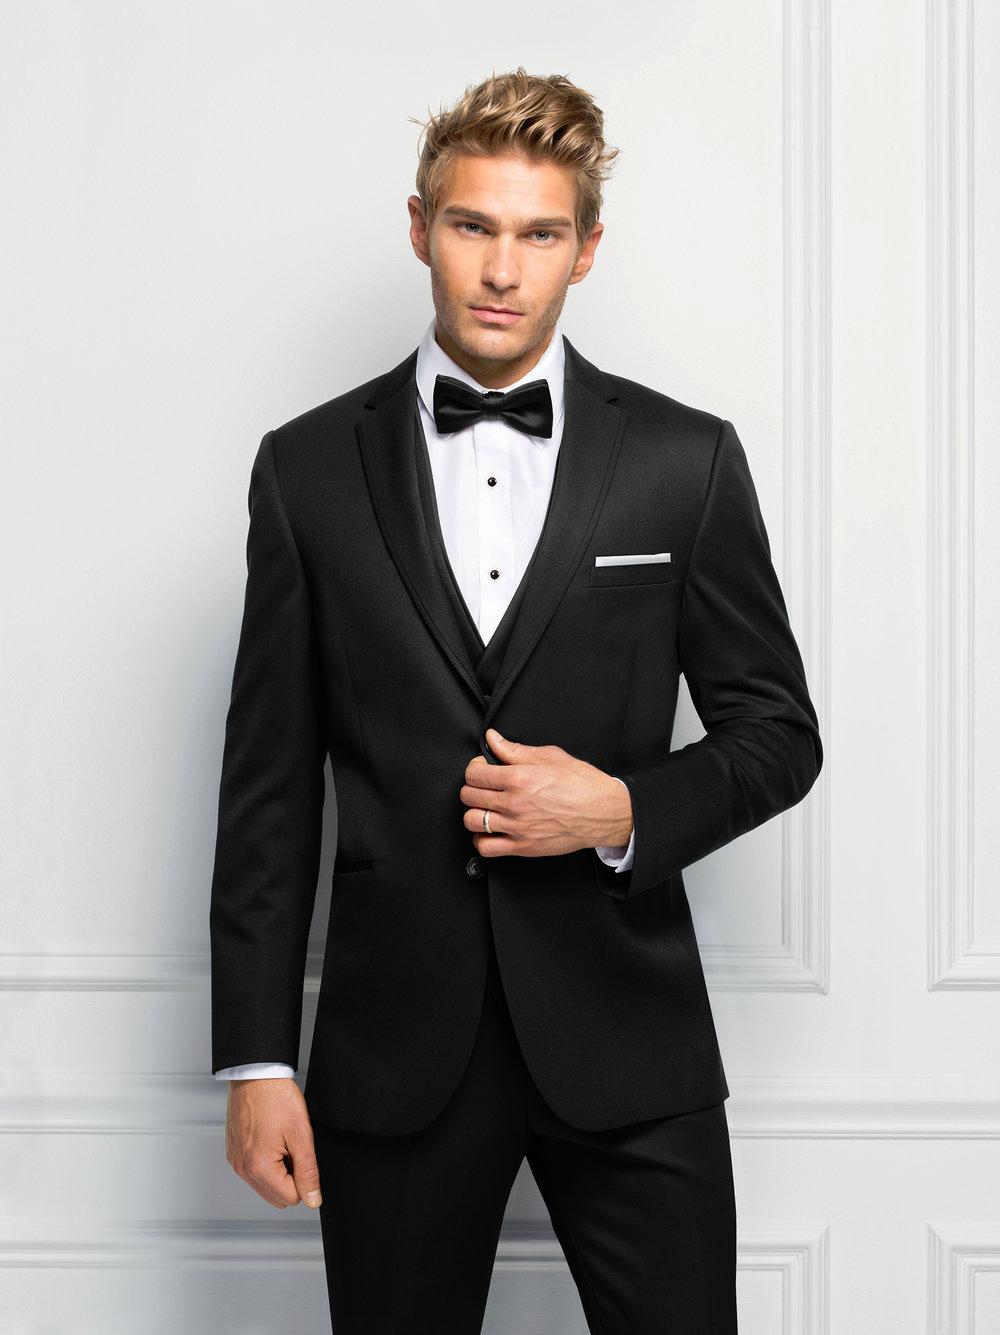 Black Ultra Slim Tuxedo by Michael Kors